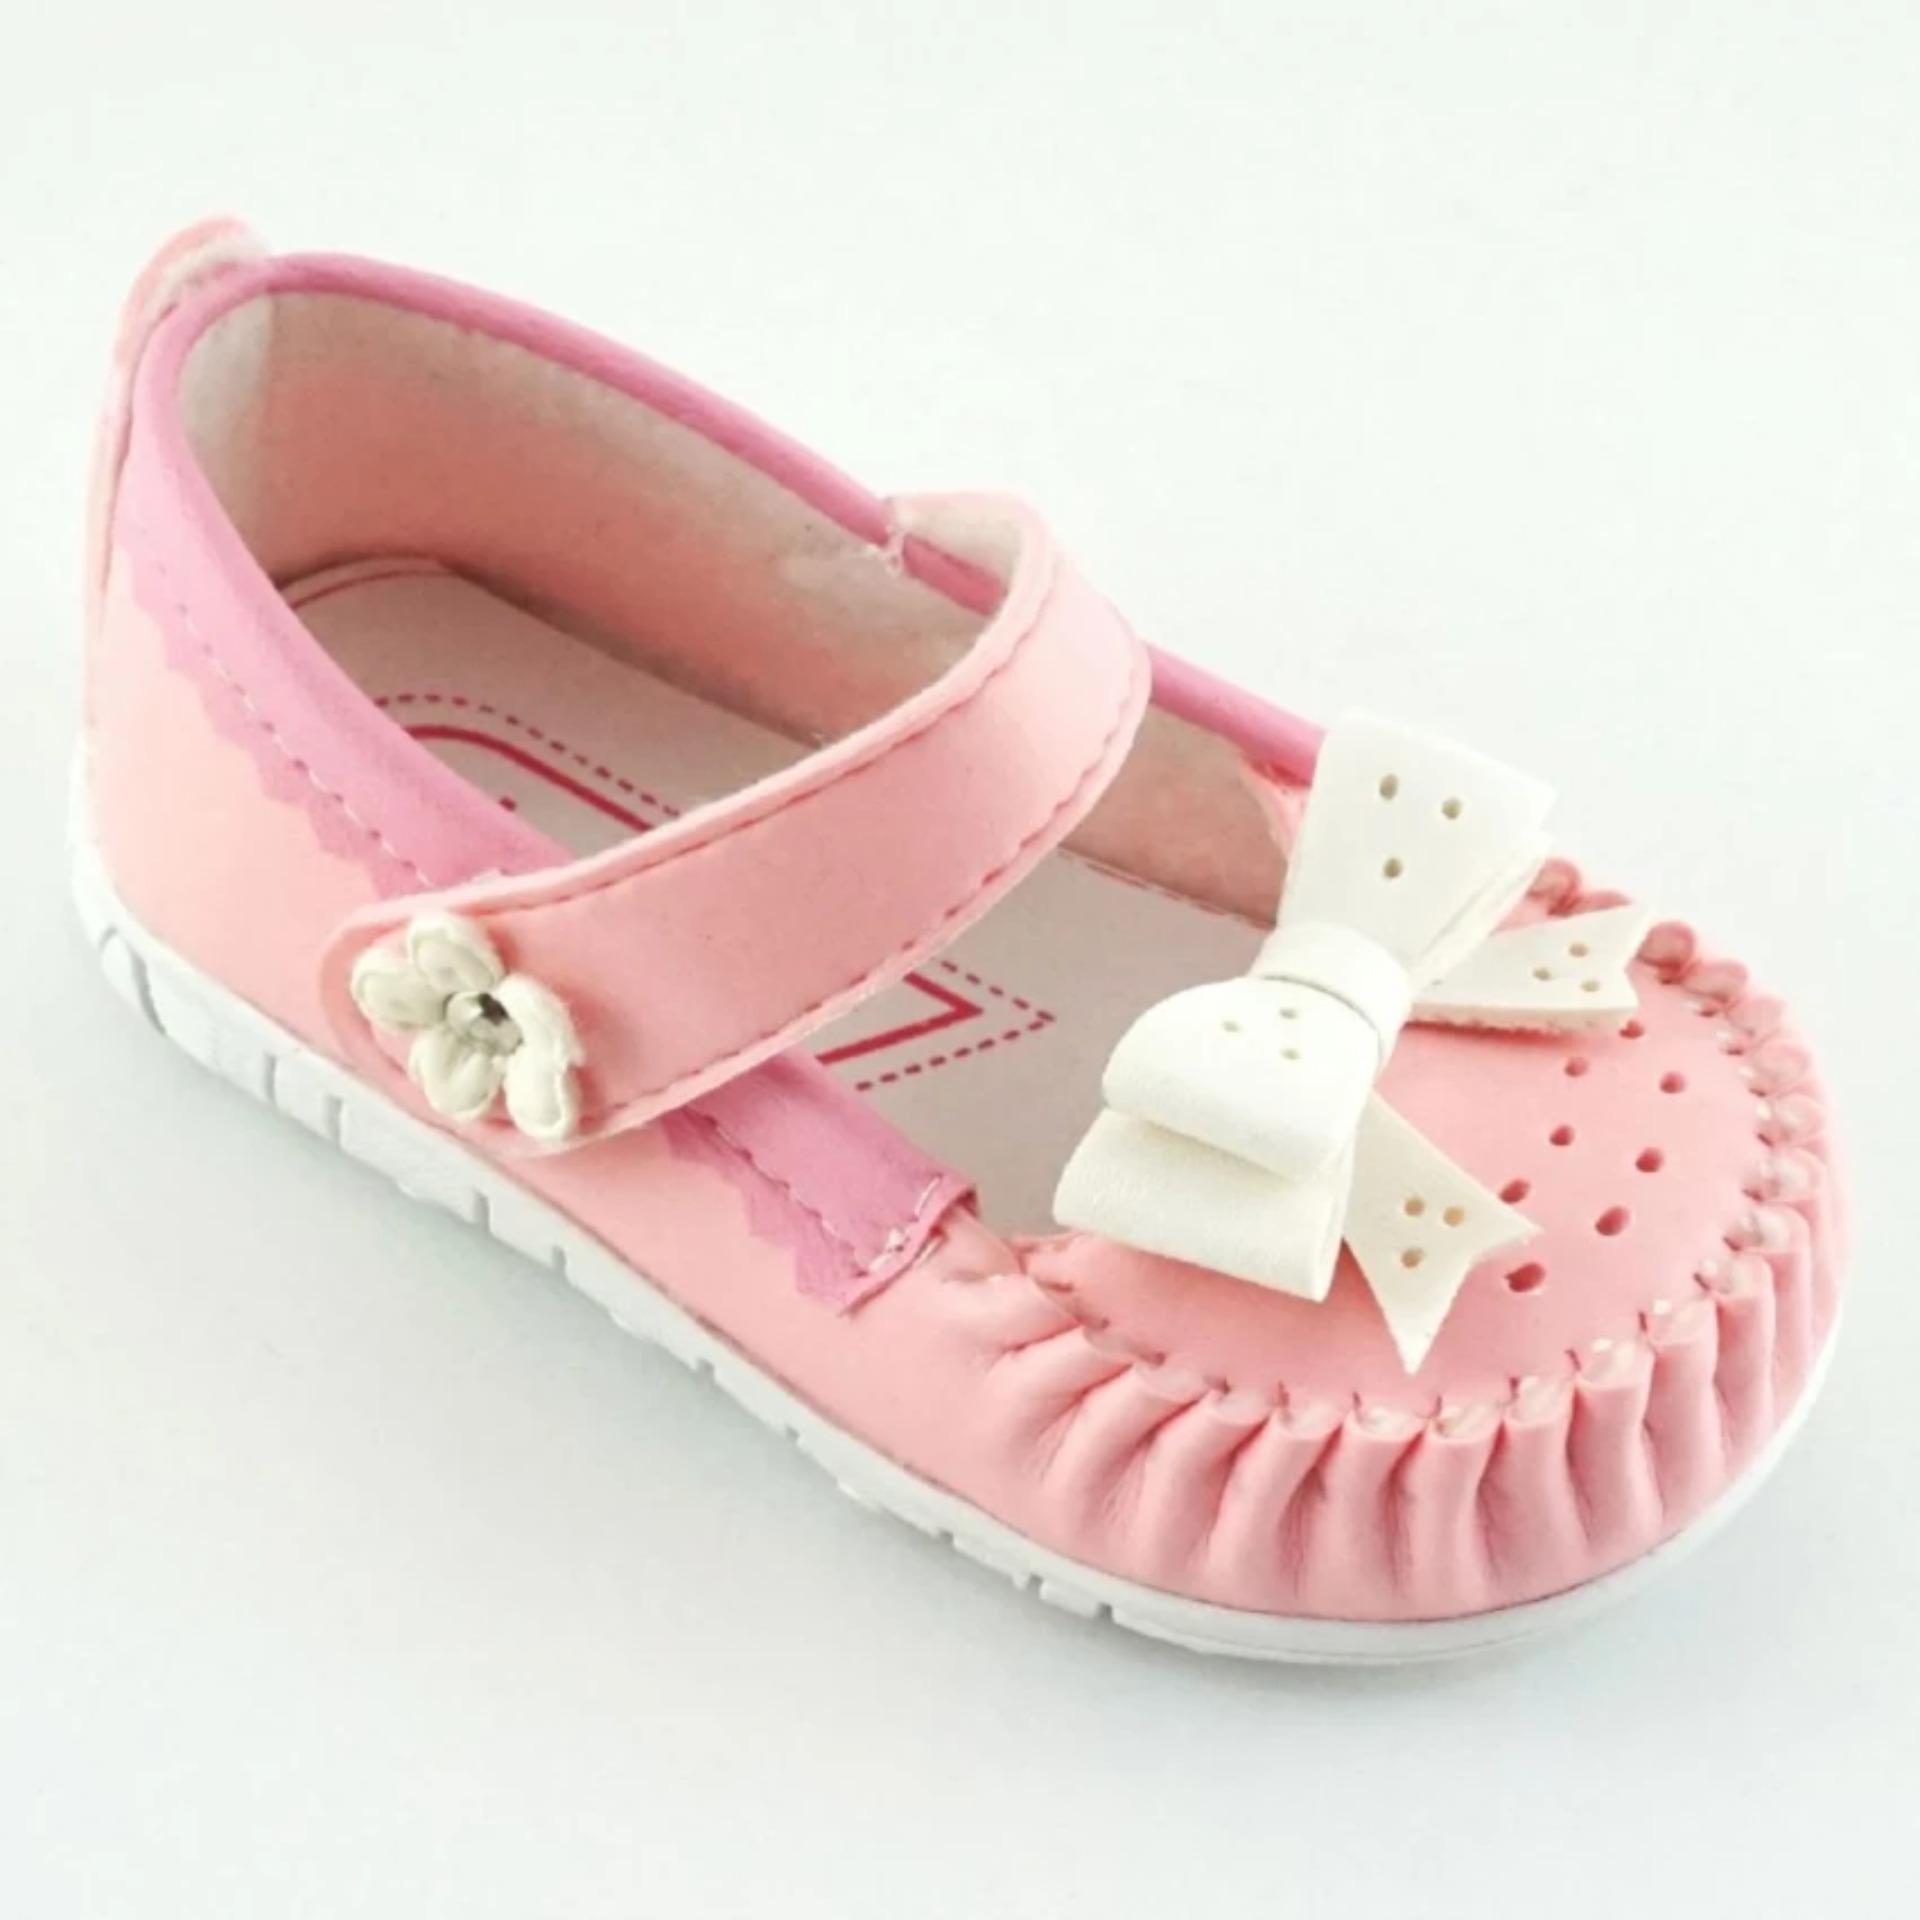 Trendishoes Sepatu Anak Perempuan Cantik Lnhk Merah - Review Daftar .